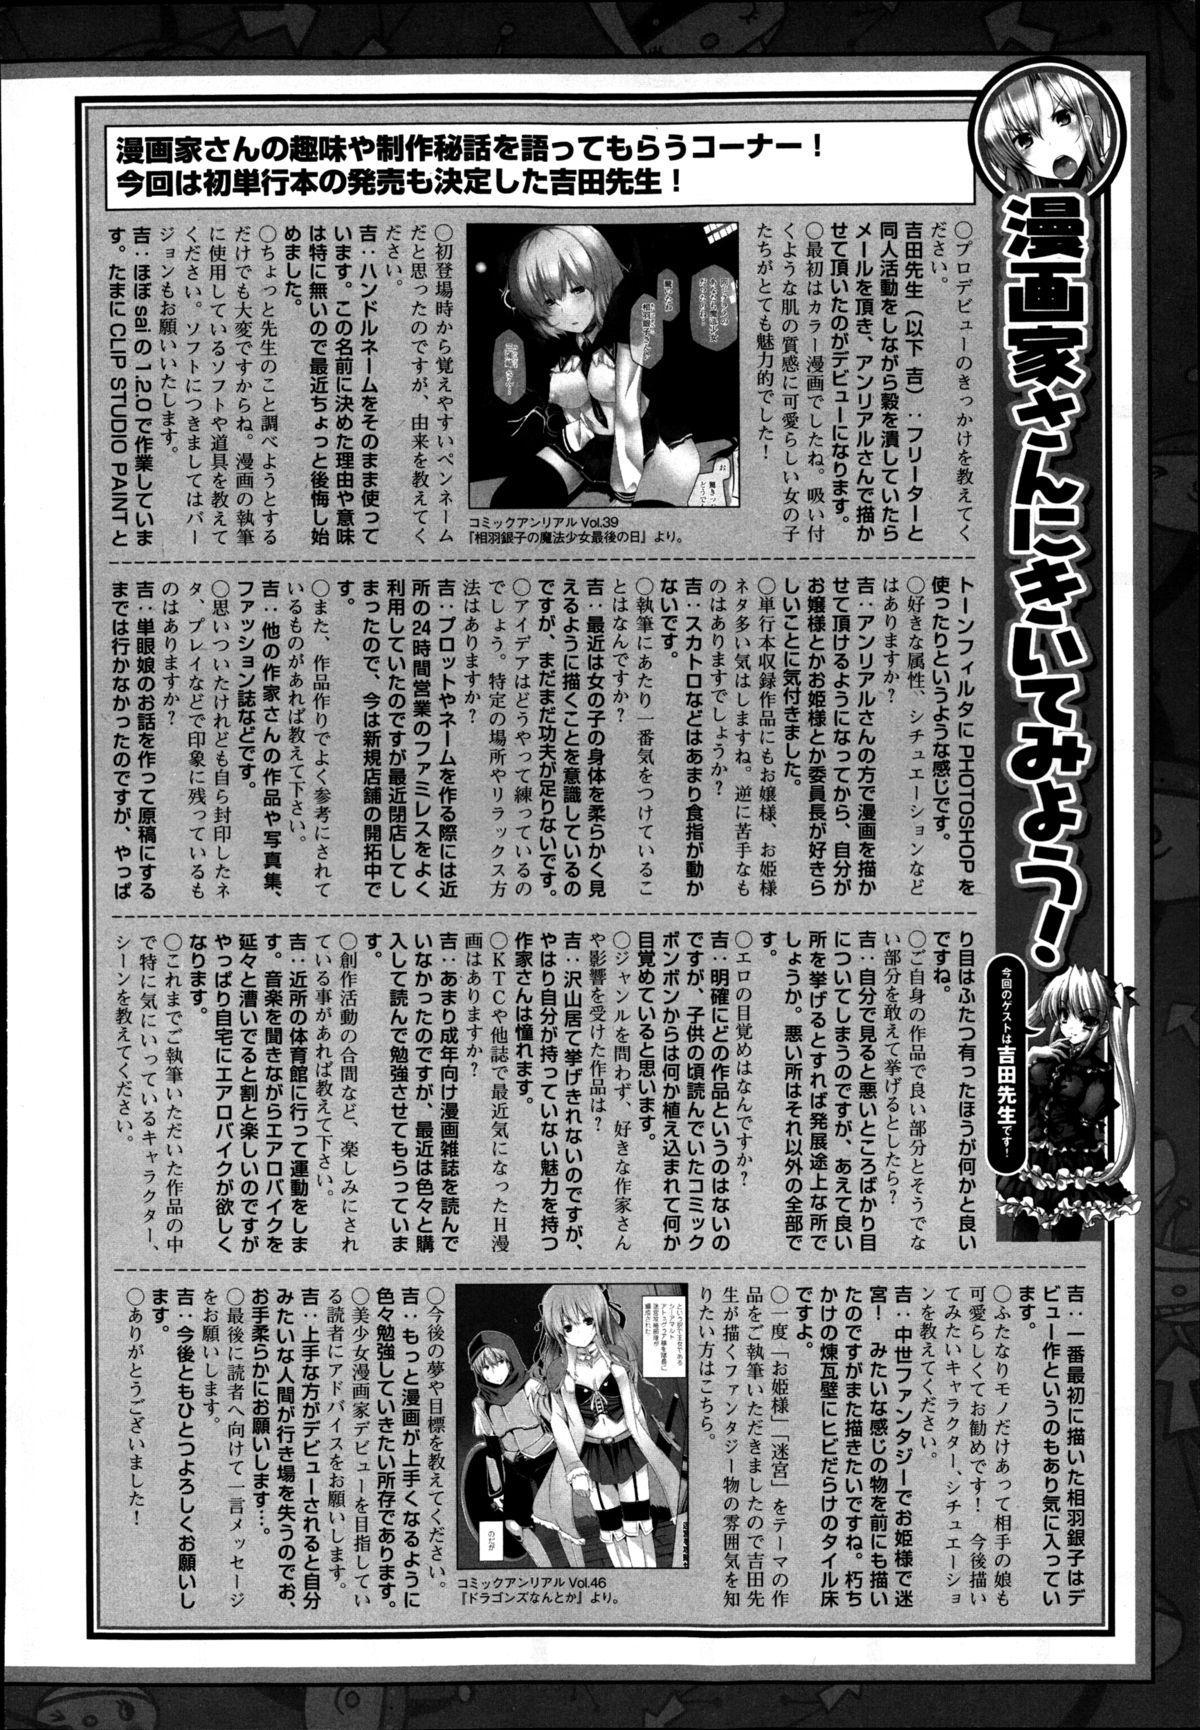 COMIC Unreal 2014-08 Vol.50 479